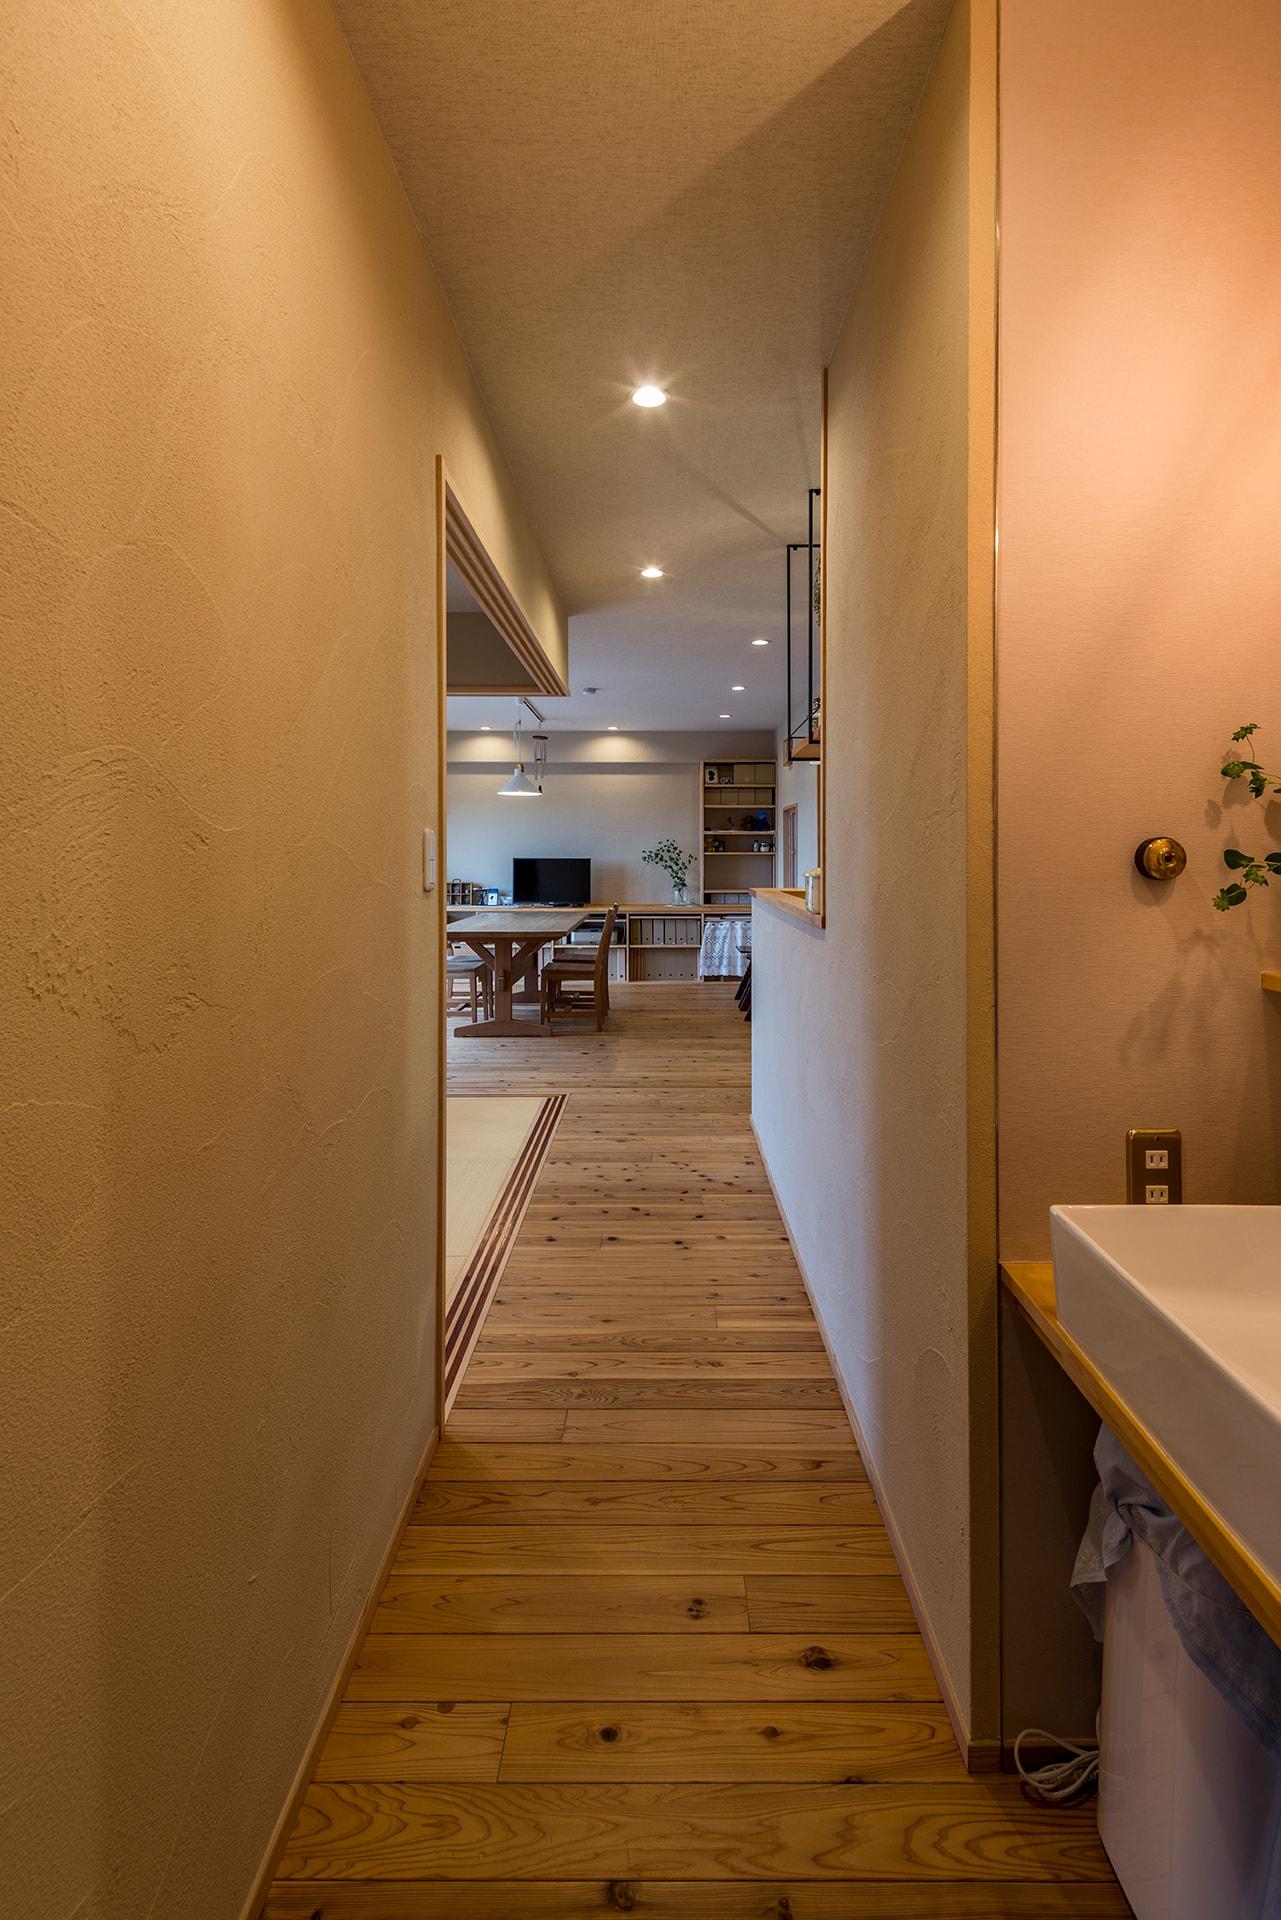 思い出のテーブルから眺望を楽しむ家 | こだわりの自然素材・天然素材の注文住宅・リフォームの駿河屋